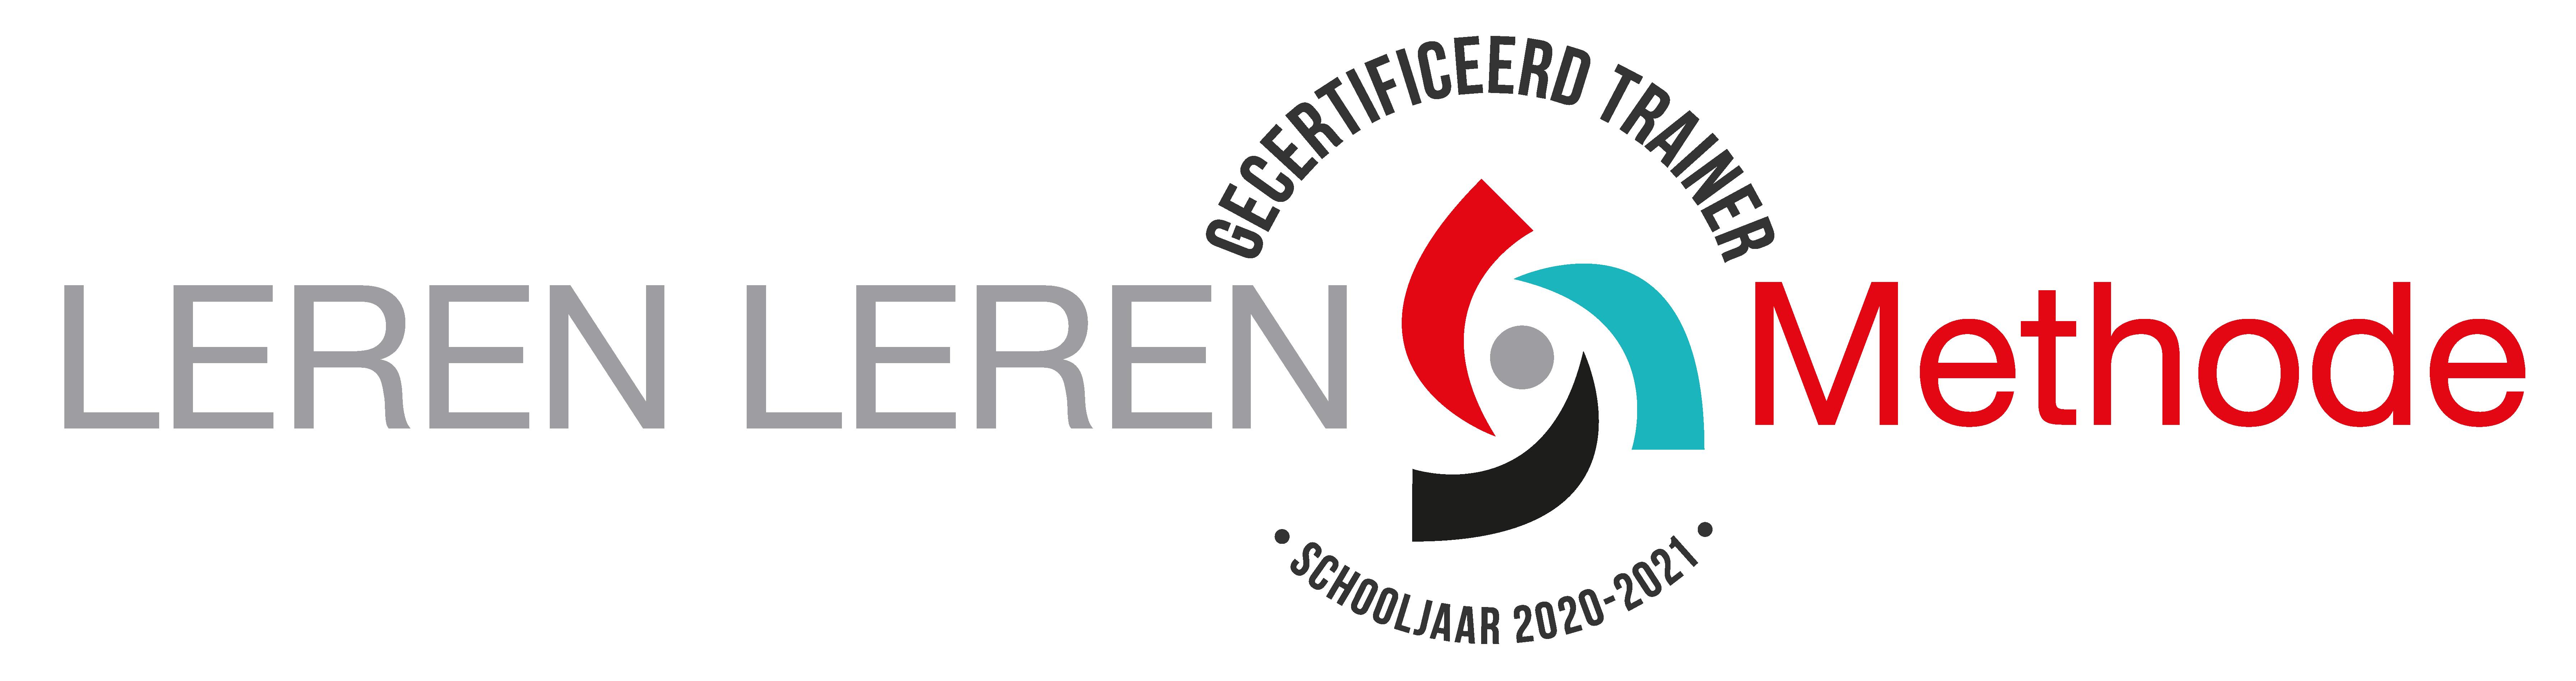 LLM-gecertificeerd-opleider-2020-2021